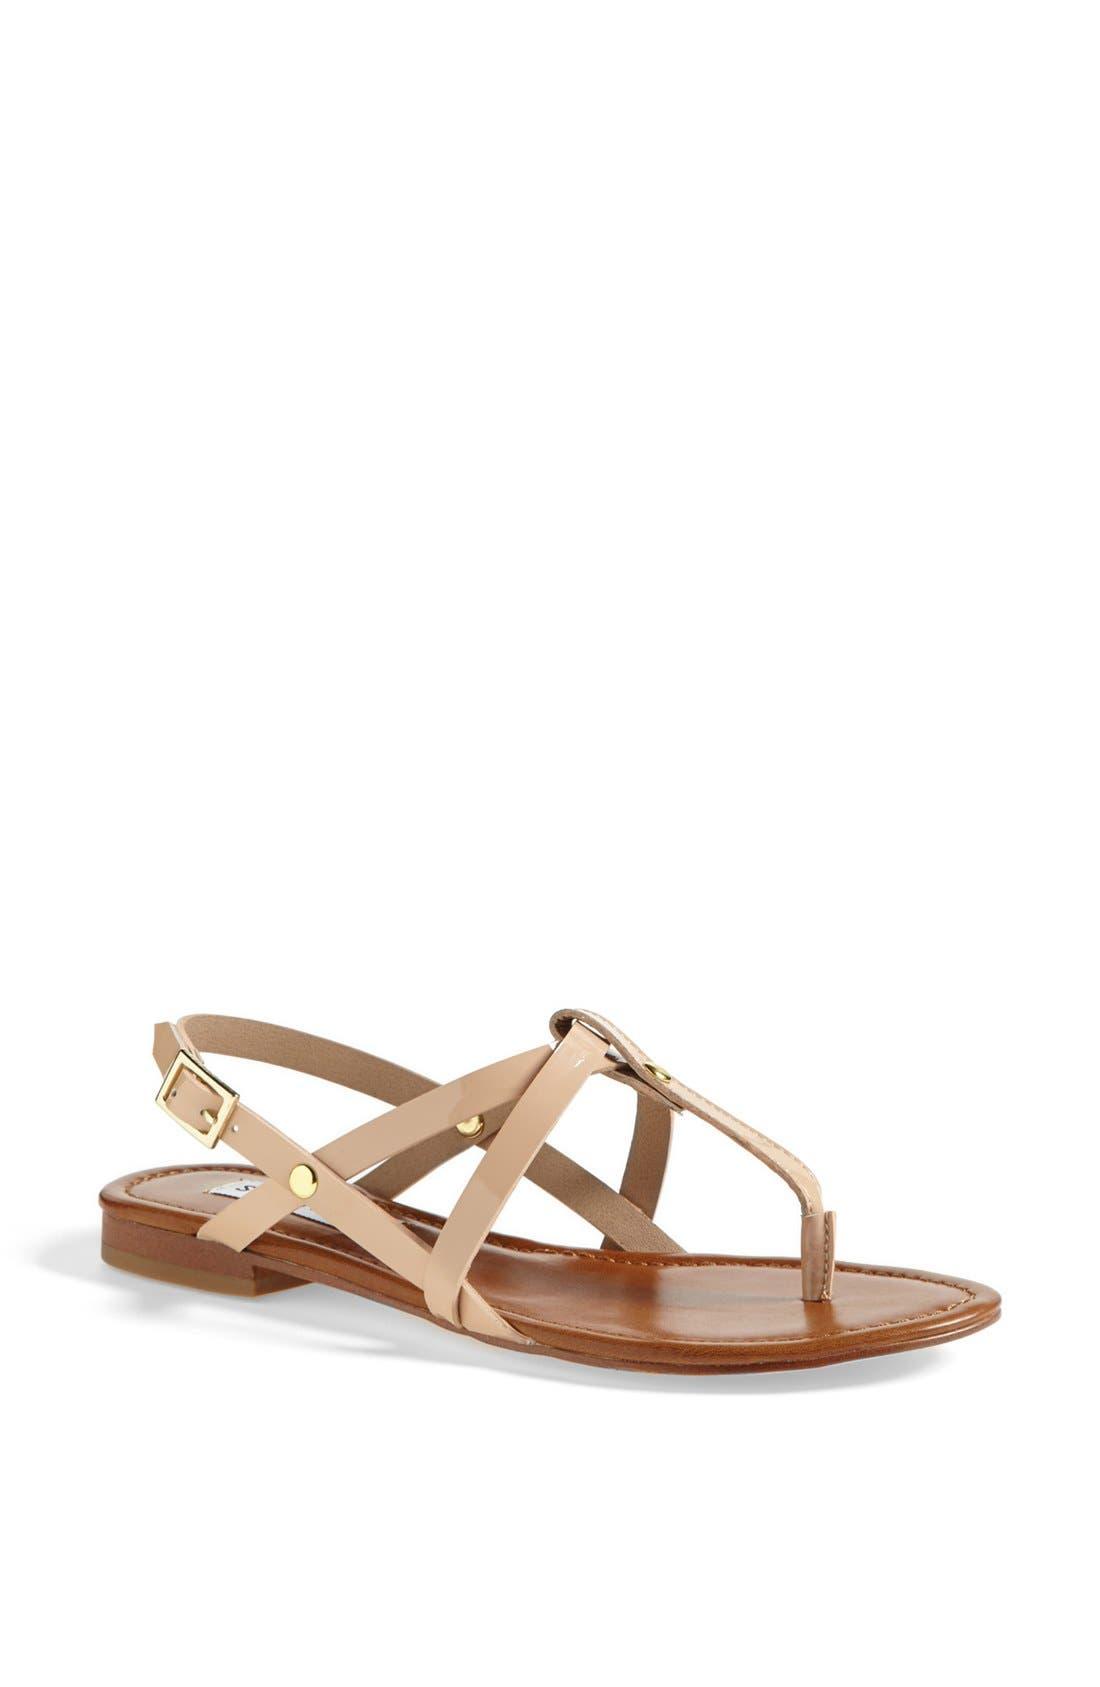 Alternate Image 1 Selected - Steve Madden 'Kroatia' Patent Sandal